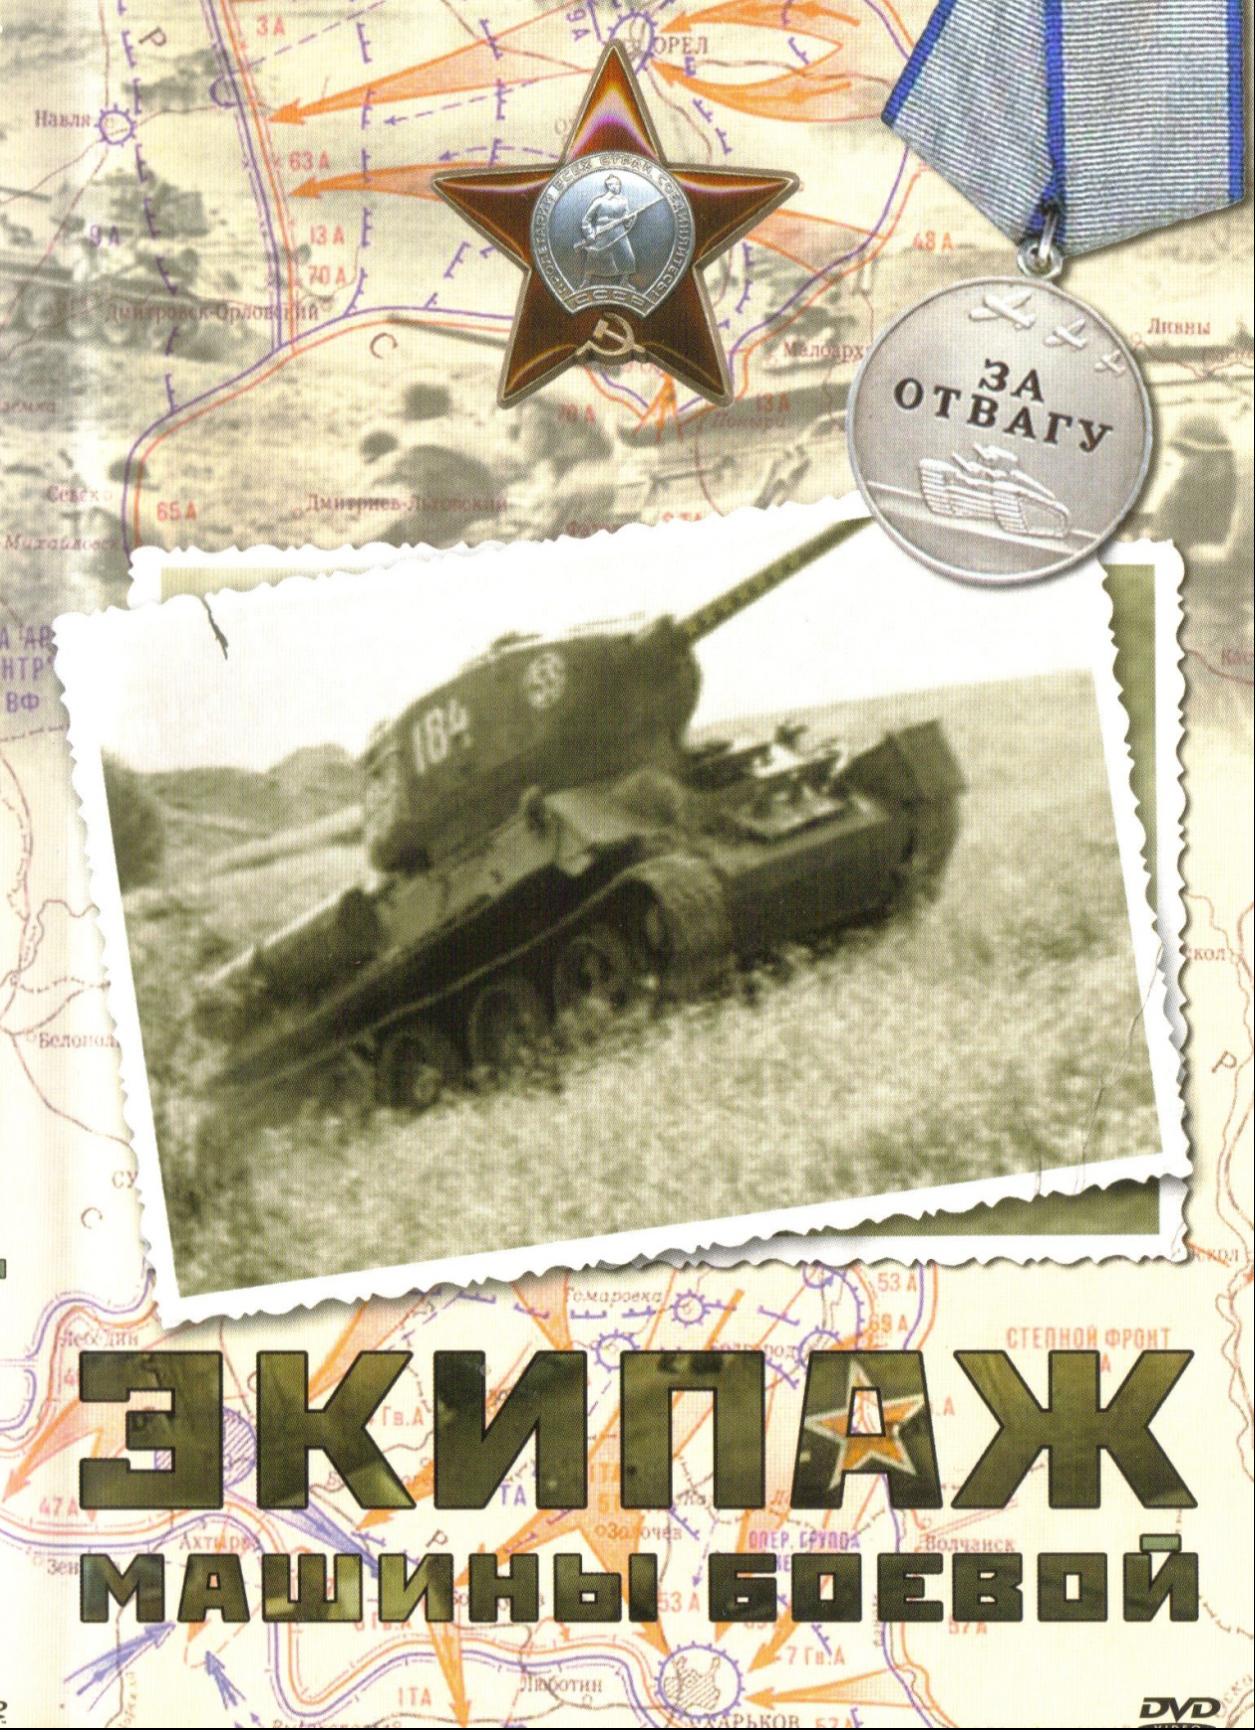 плакат фильма DVD Экипаж машины боевой